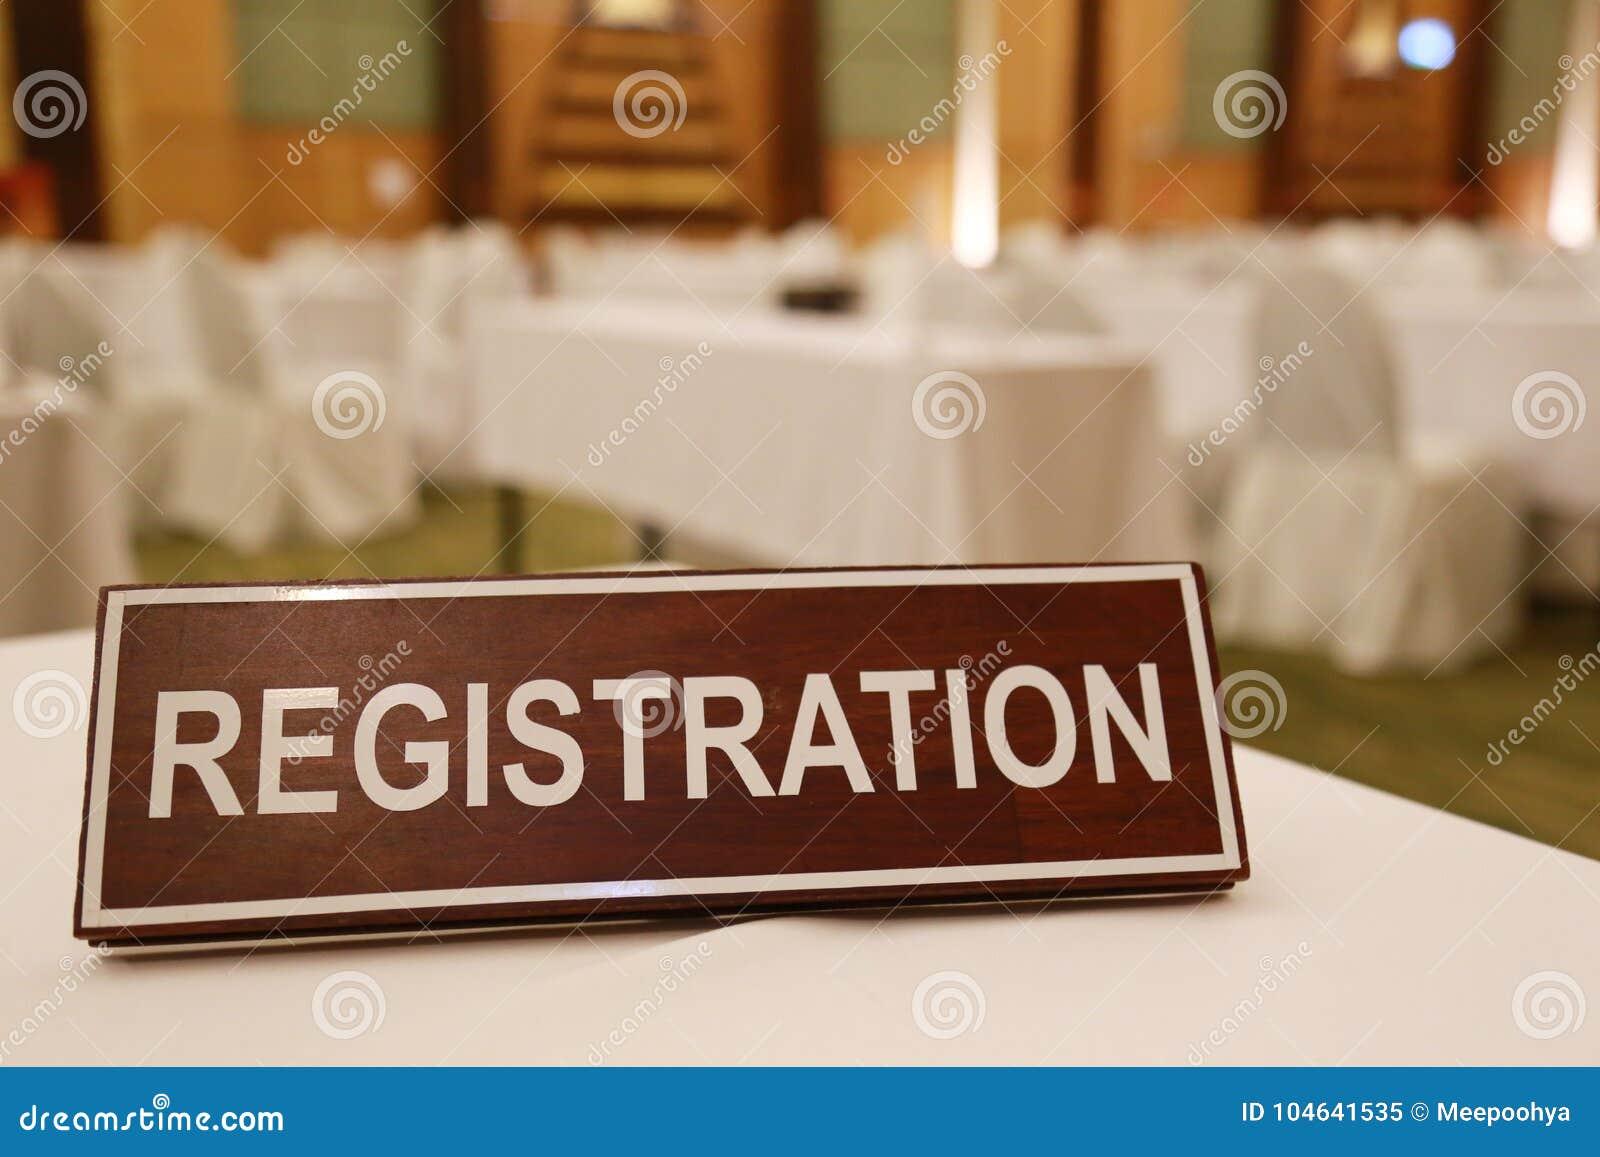 Download Houten Tekens Van Registratie Op Een Lijst Stock Afbeelding - Afbeelding bestaande uit bureau, communiceer: 104641535